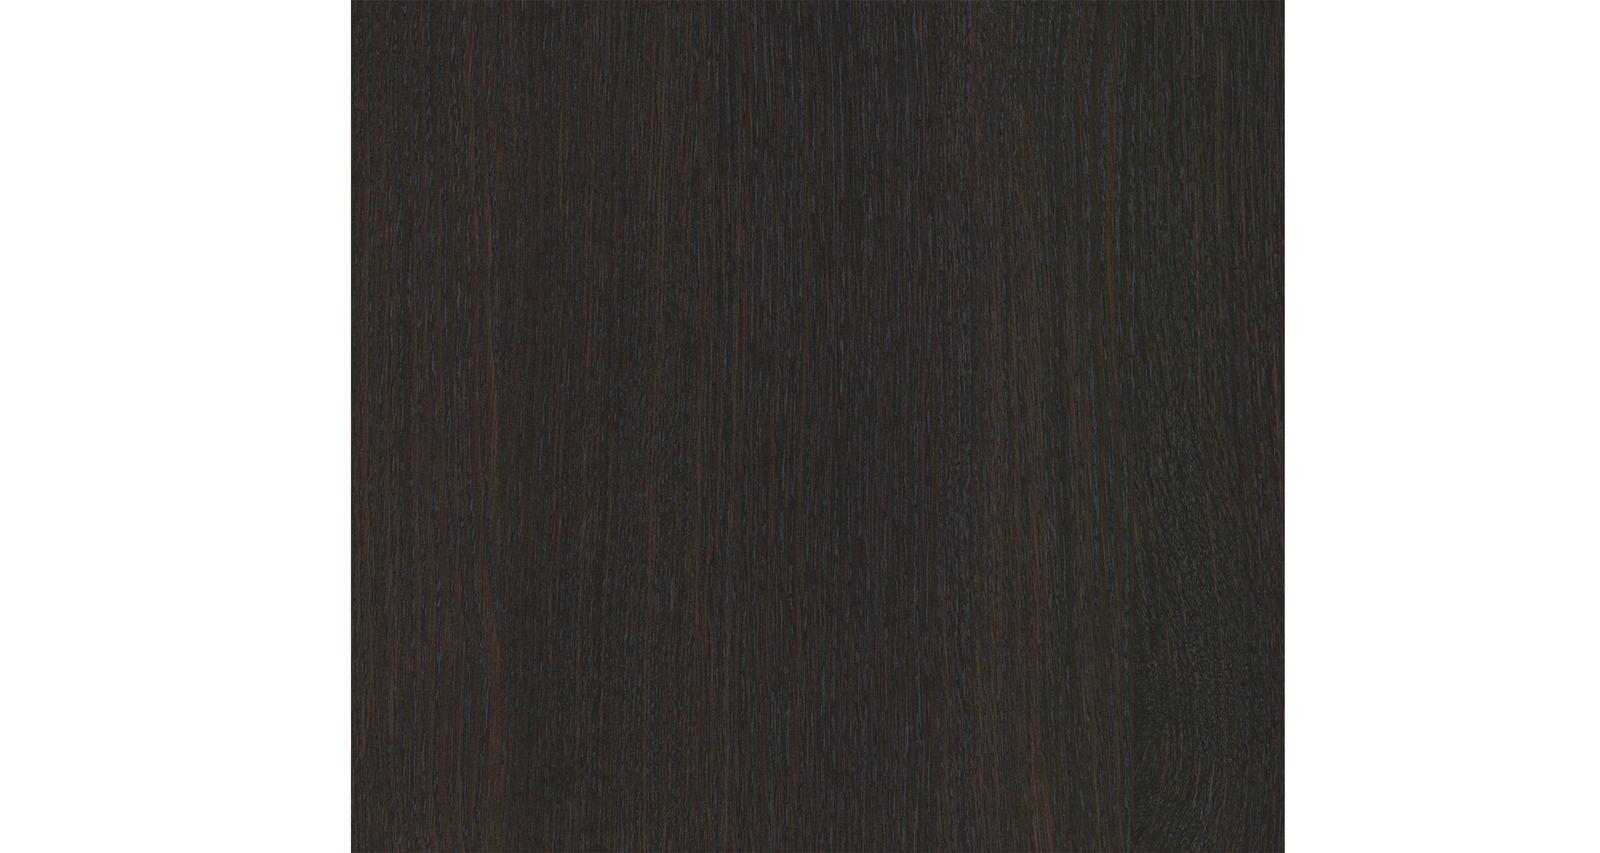 Шкаф-купе двухдверный Манчестер 150 см (дуб феррара/кремовый)